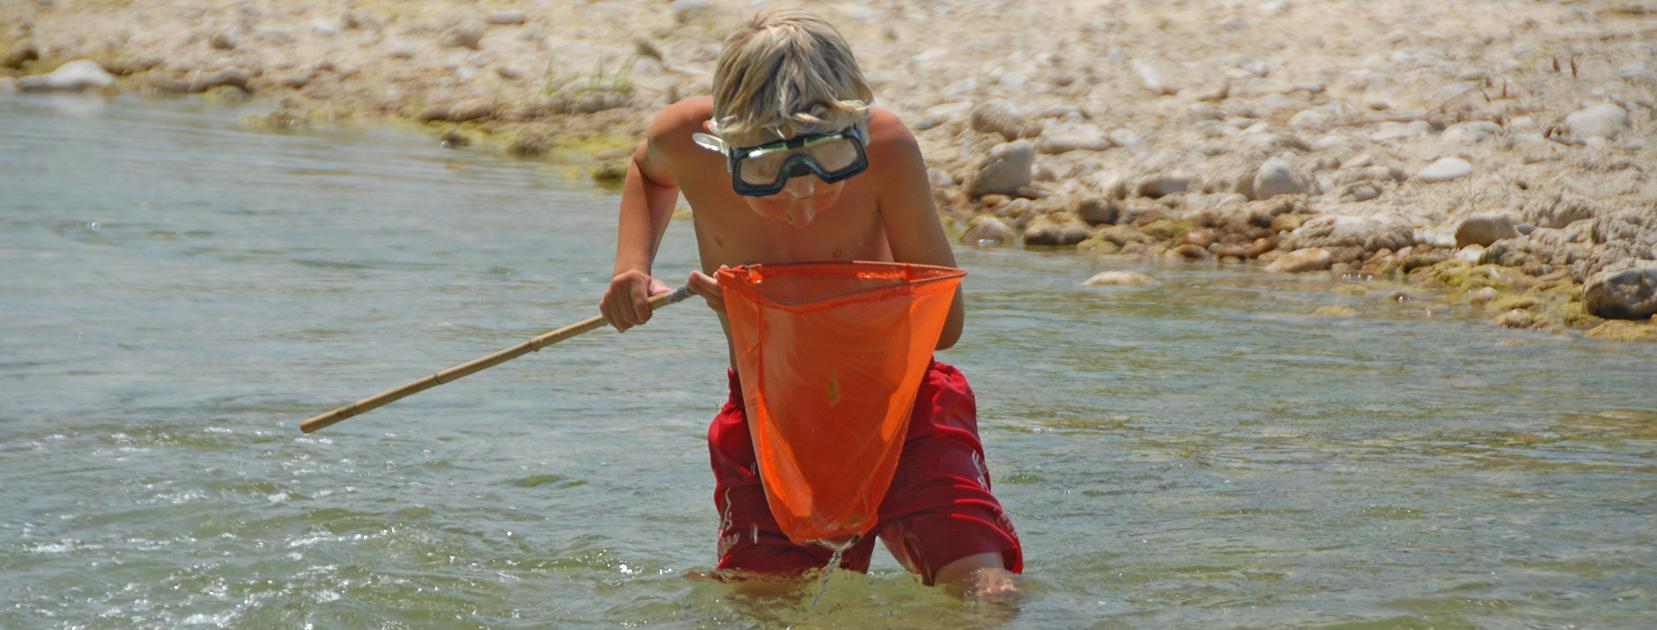 Ardeche-camping-aan-rivier